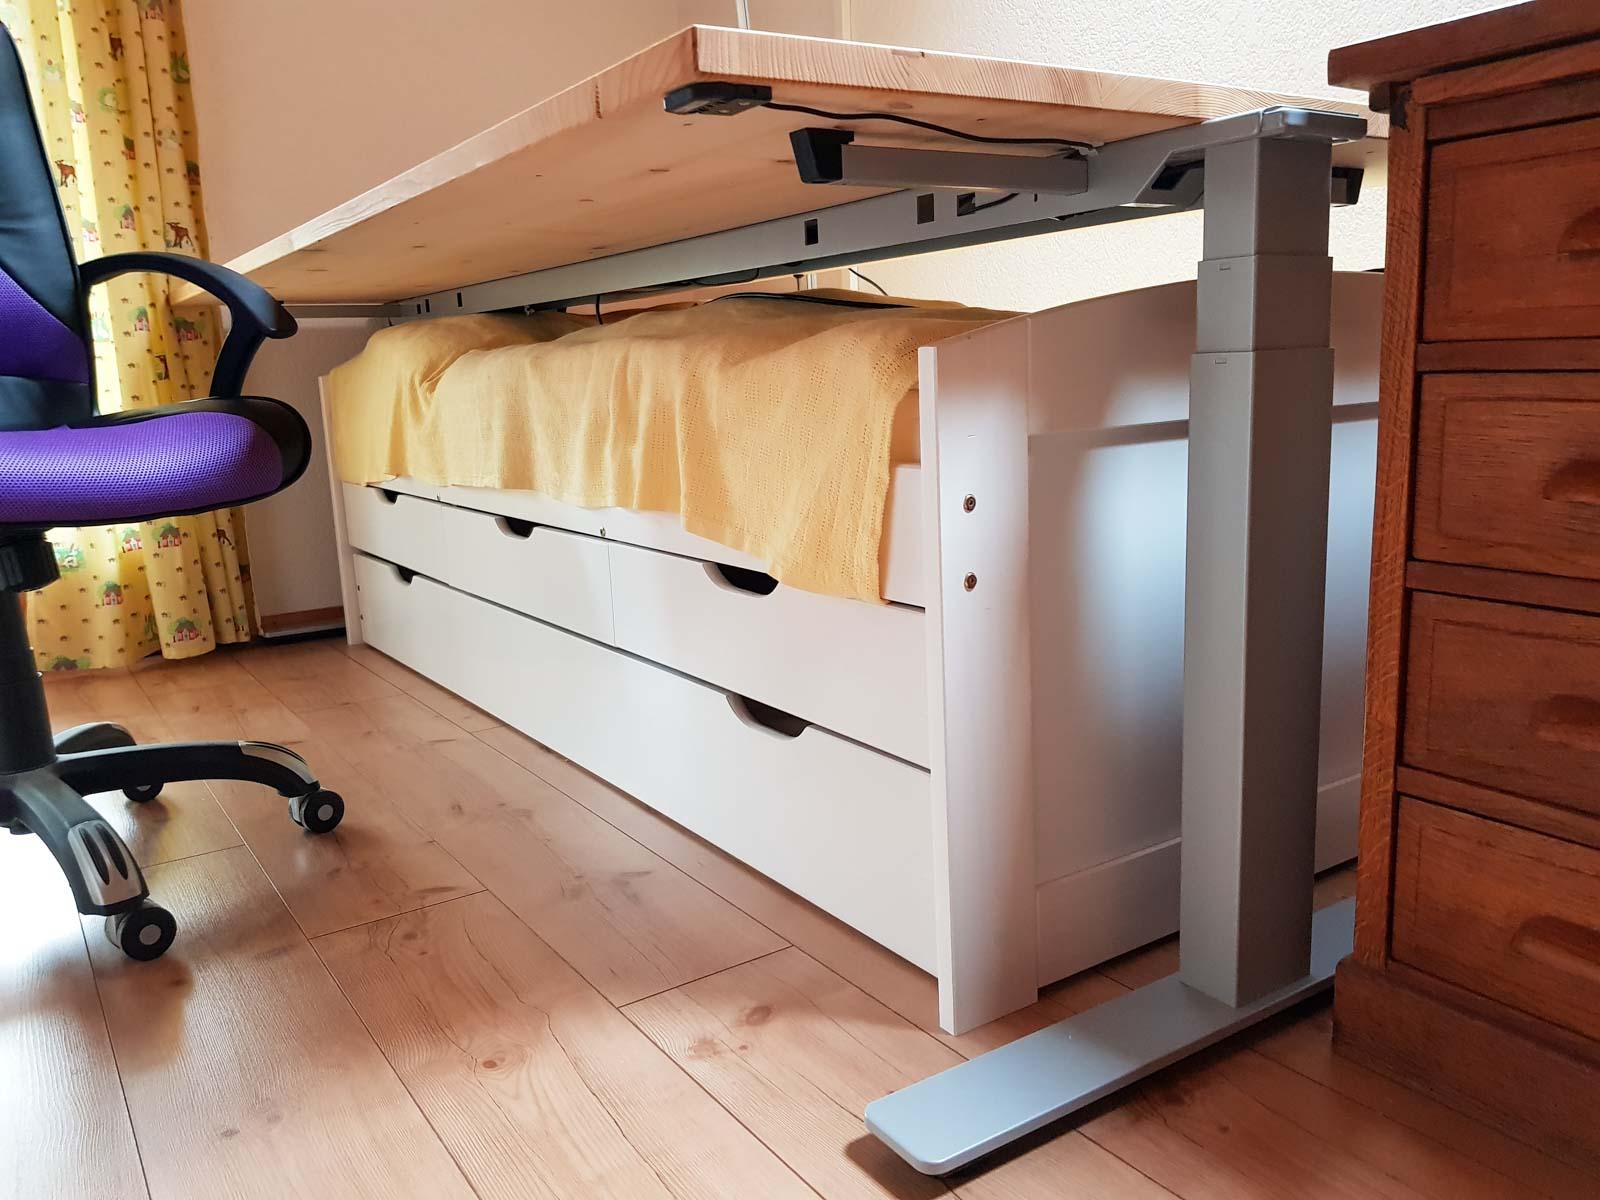 Wooddesign_Büro_Homeoffice_Schreibtisch_höhenverstellbar_Regal__Arbeitszimmer (2)